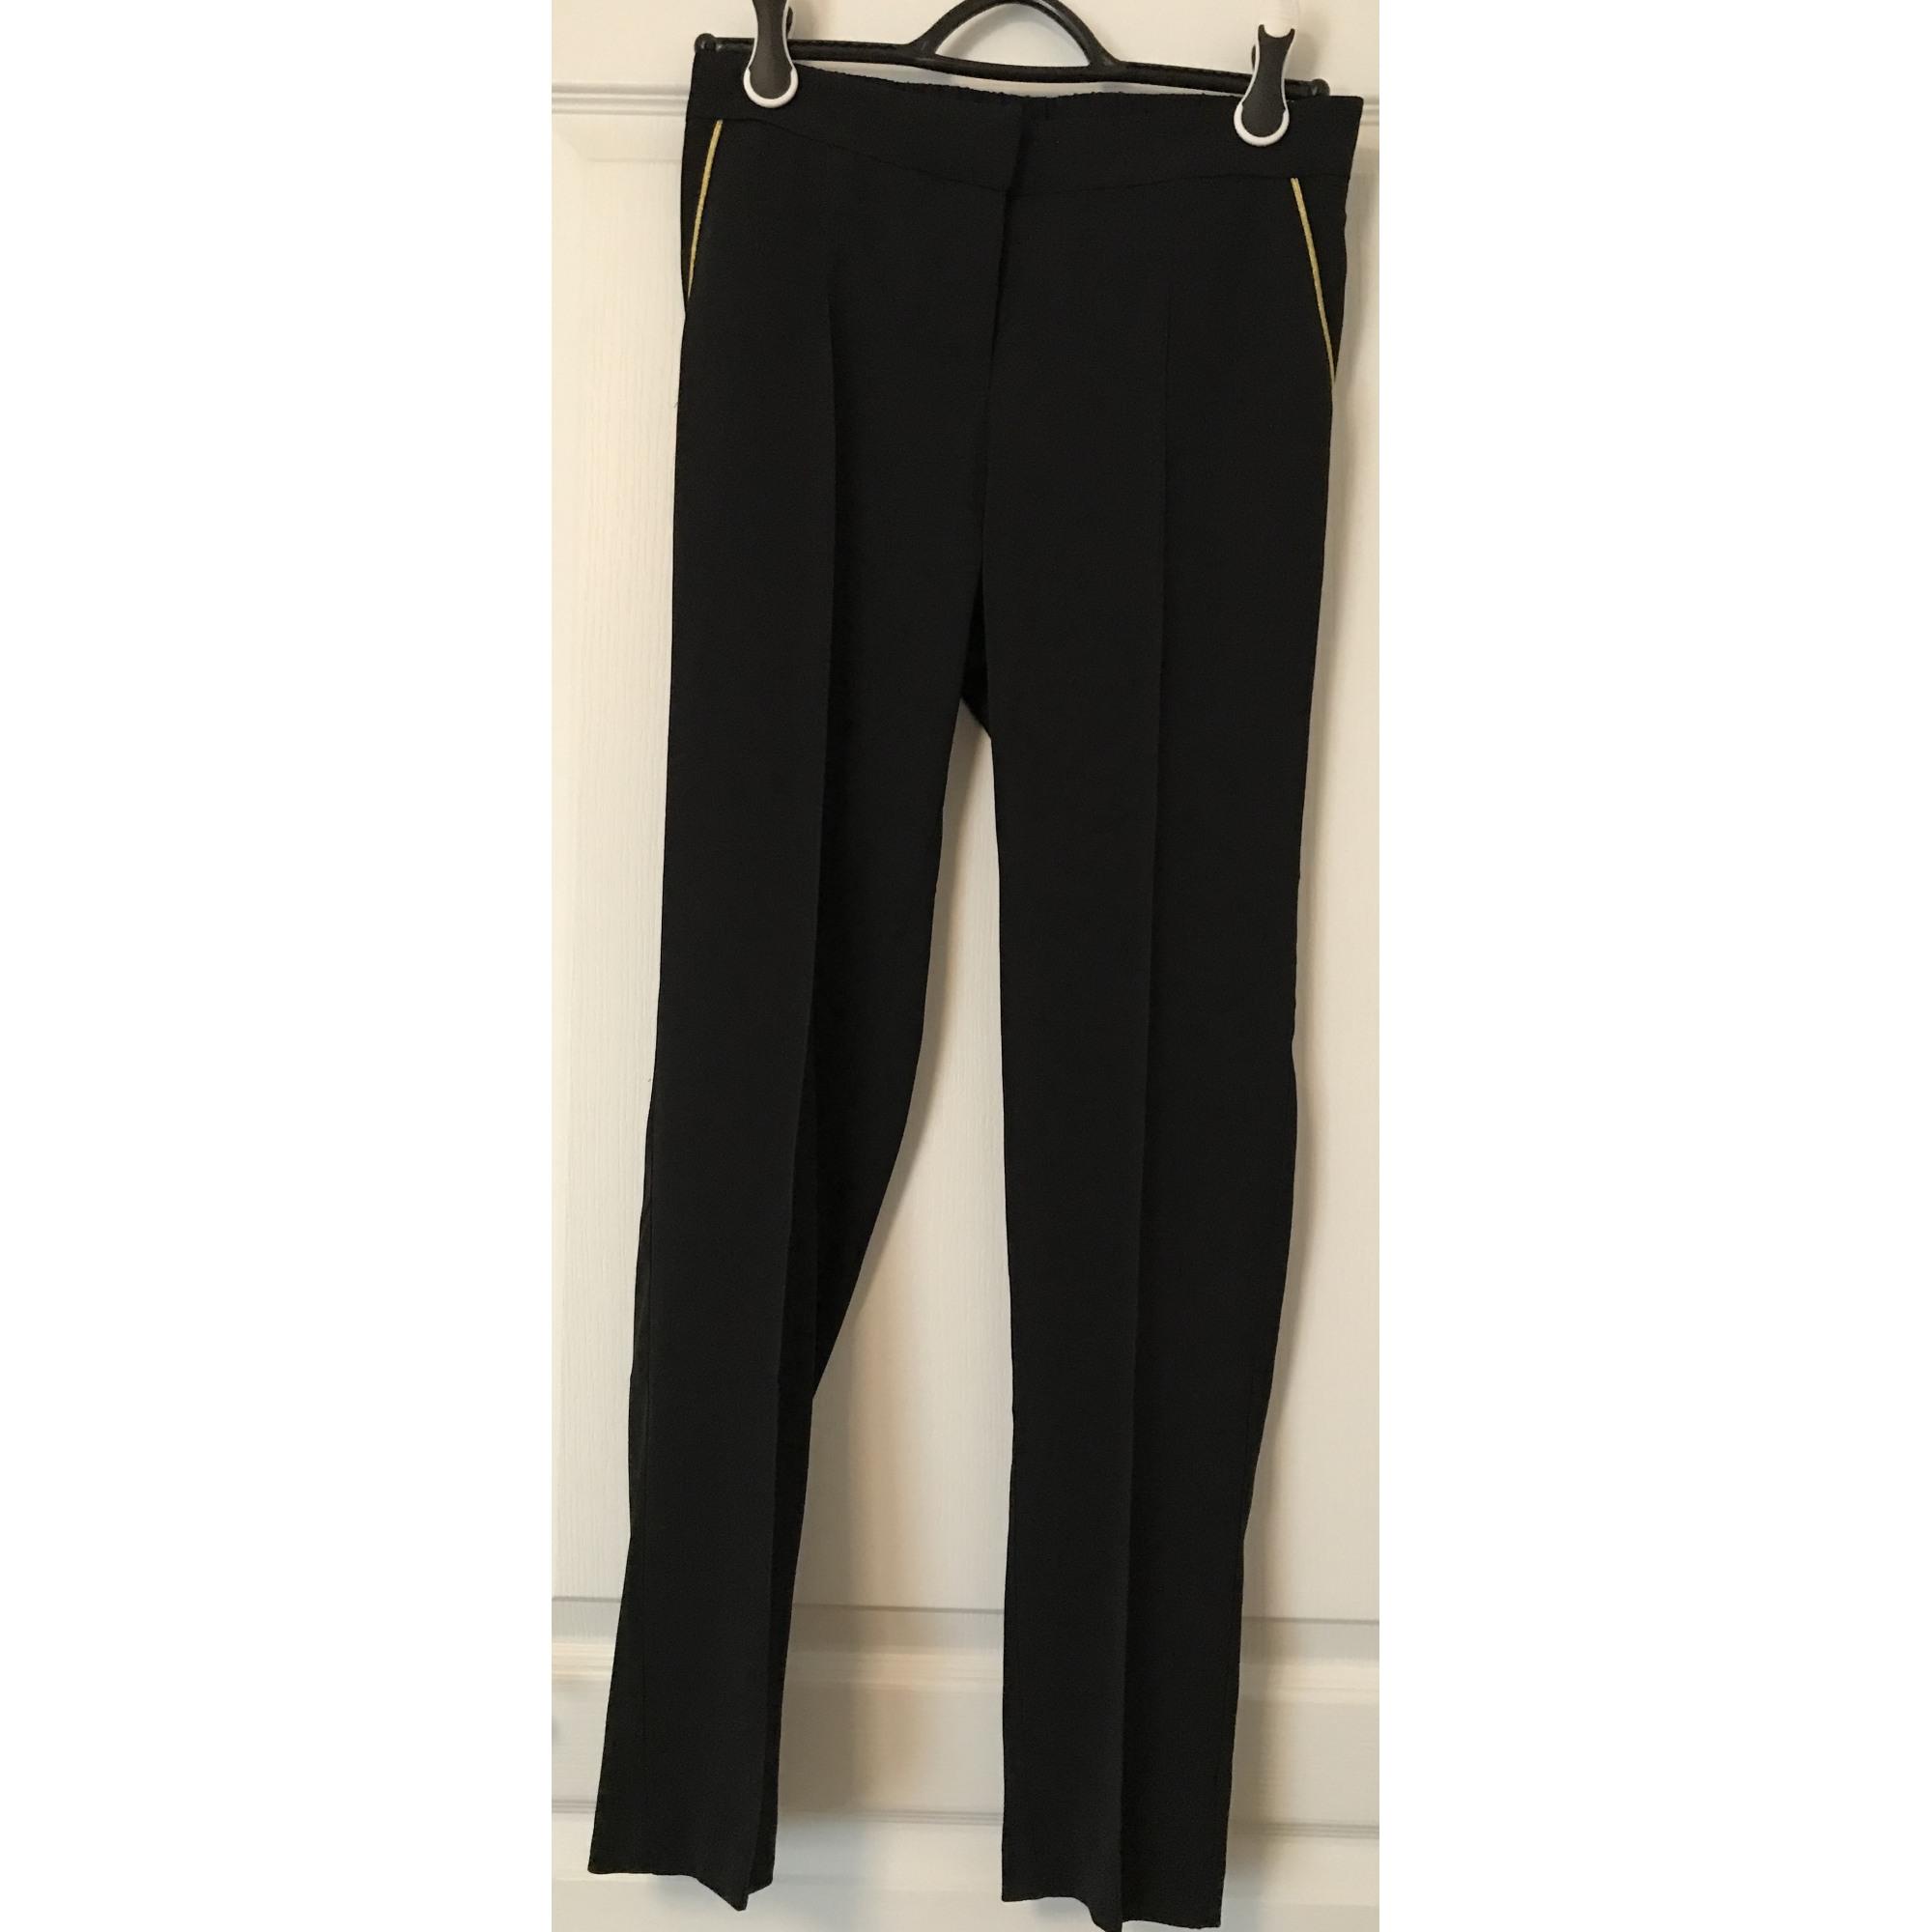 Pantalon slim, cigarette JOE RETRO 36 (S, T1) noir - 7036245 6f59477b8748